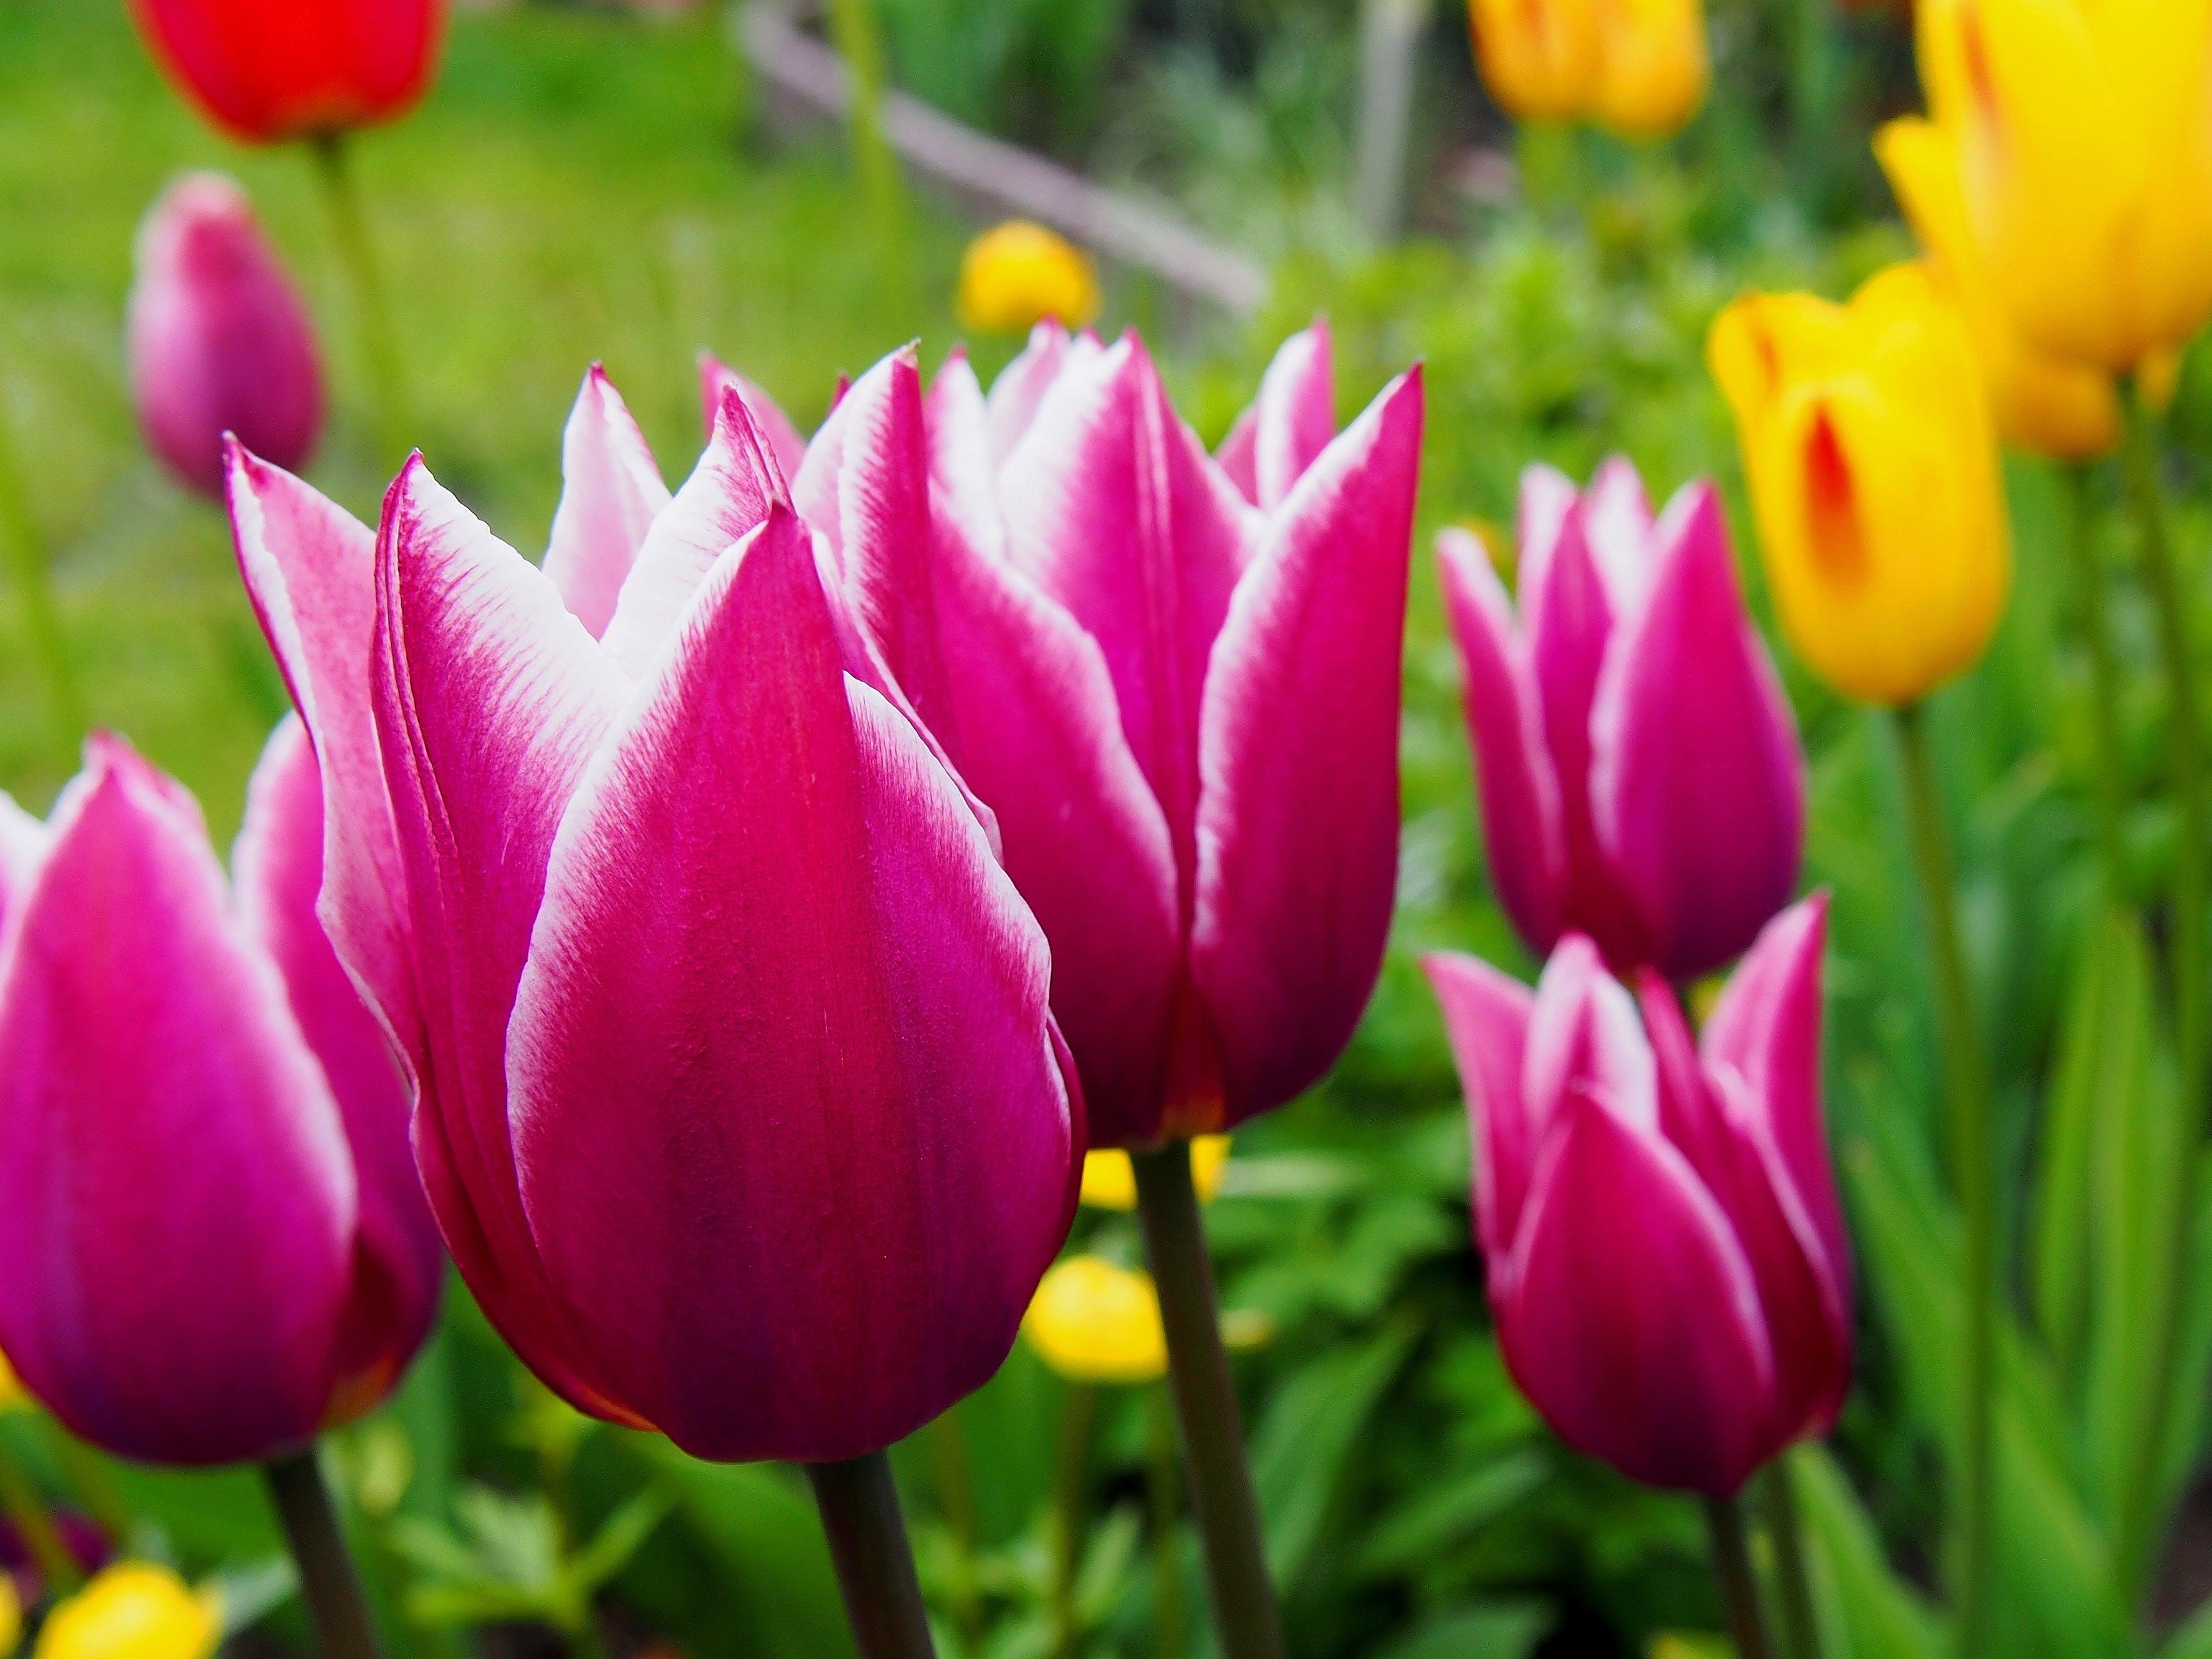 Gratis lagerfoto af blomster, blomstrende, close-up, delikat